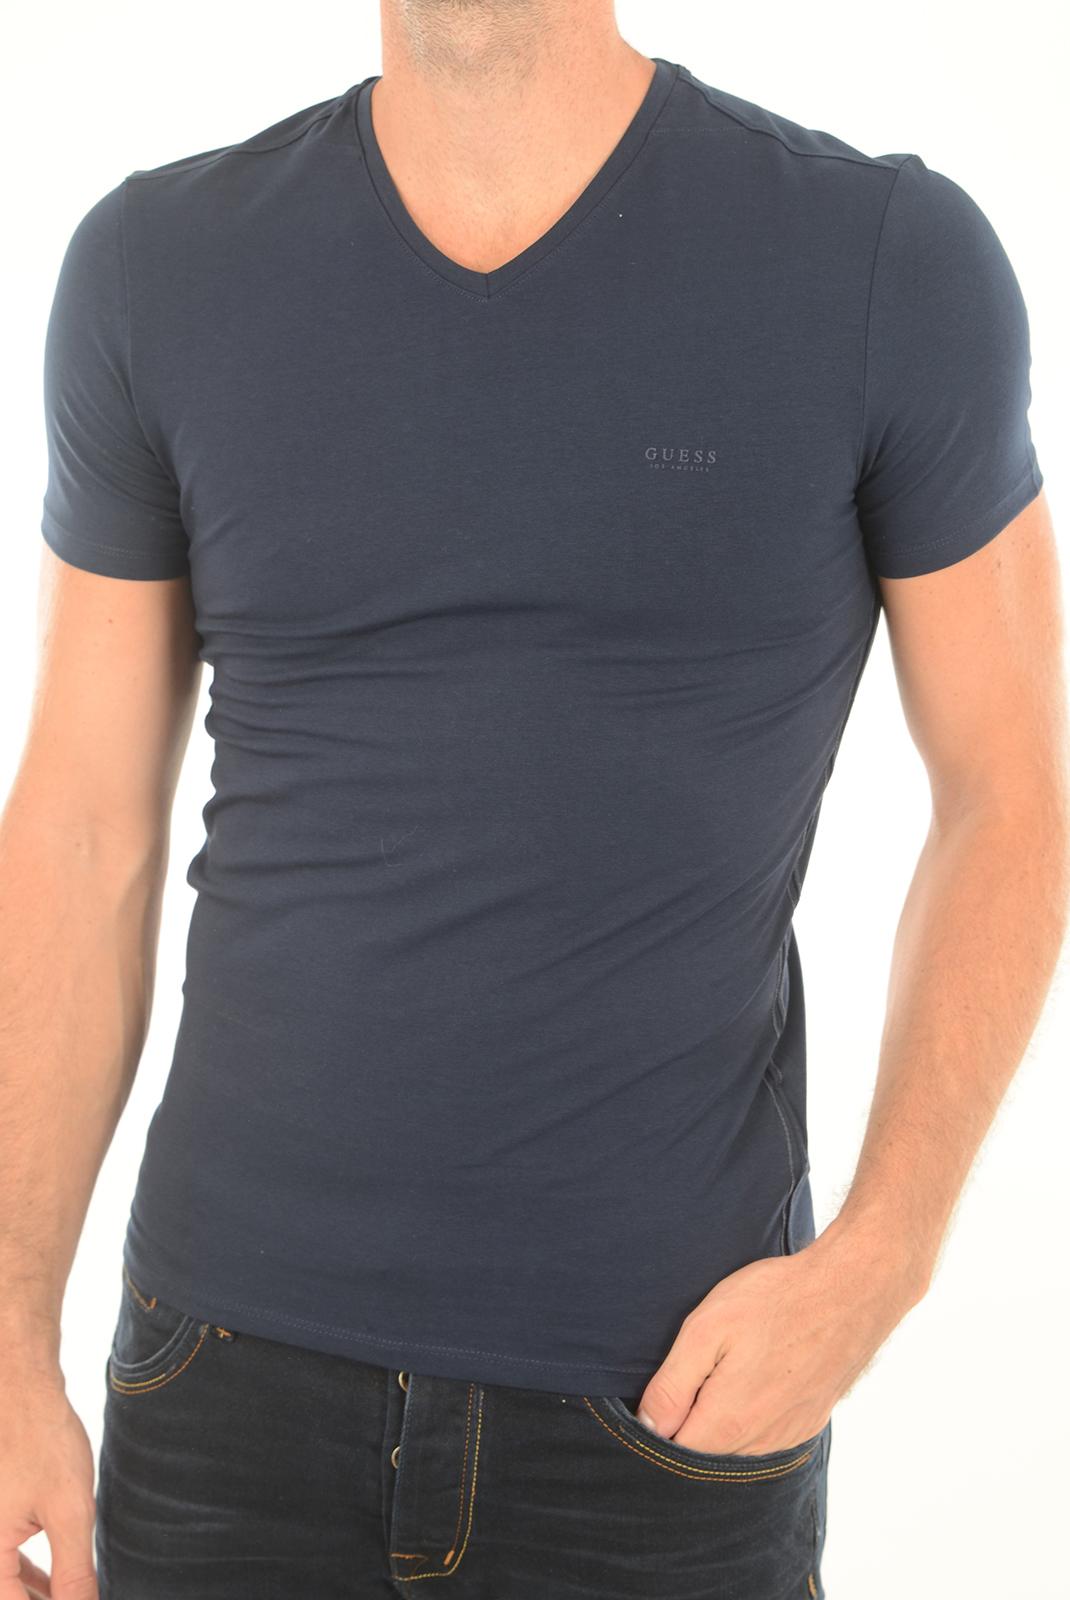 T-S manches courtes  Guess jeans M73I55 J1300 G720 BLEU